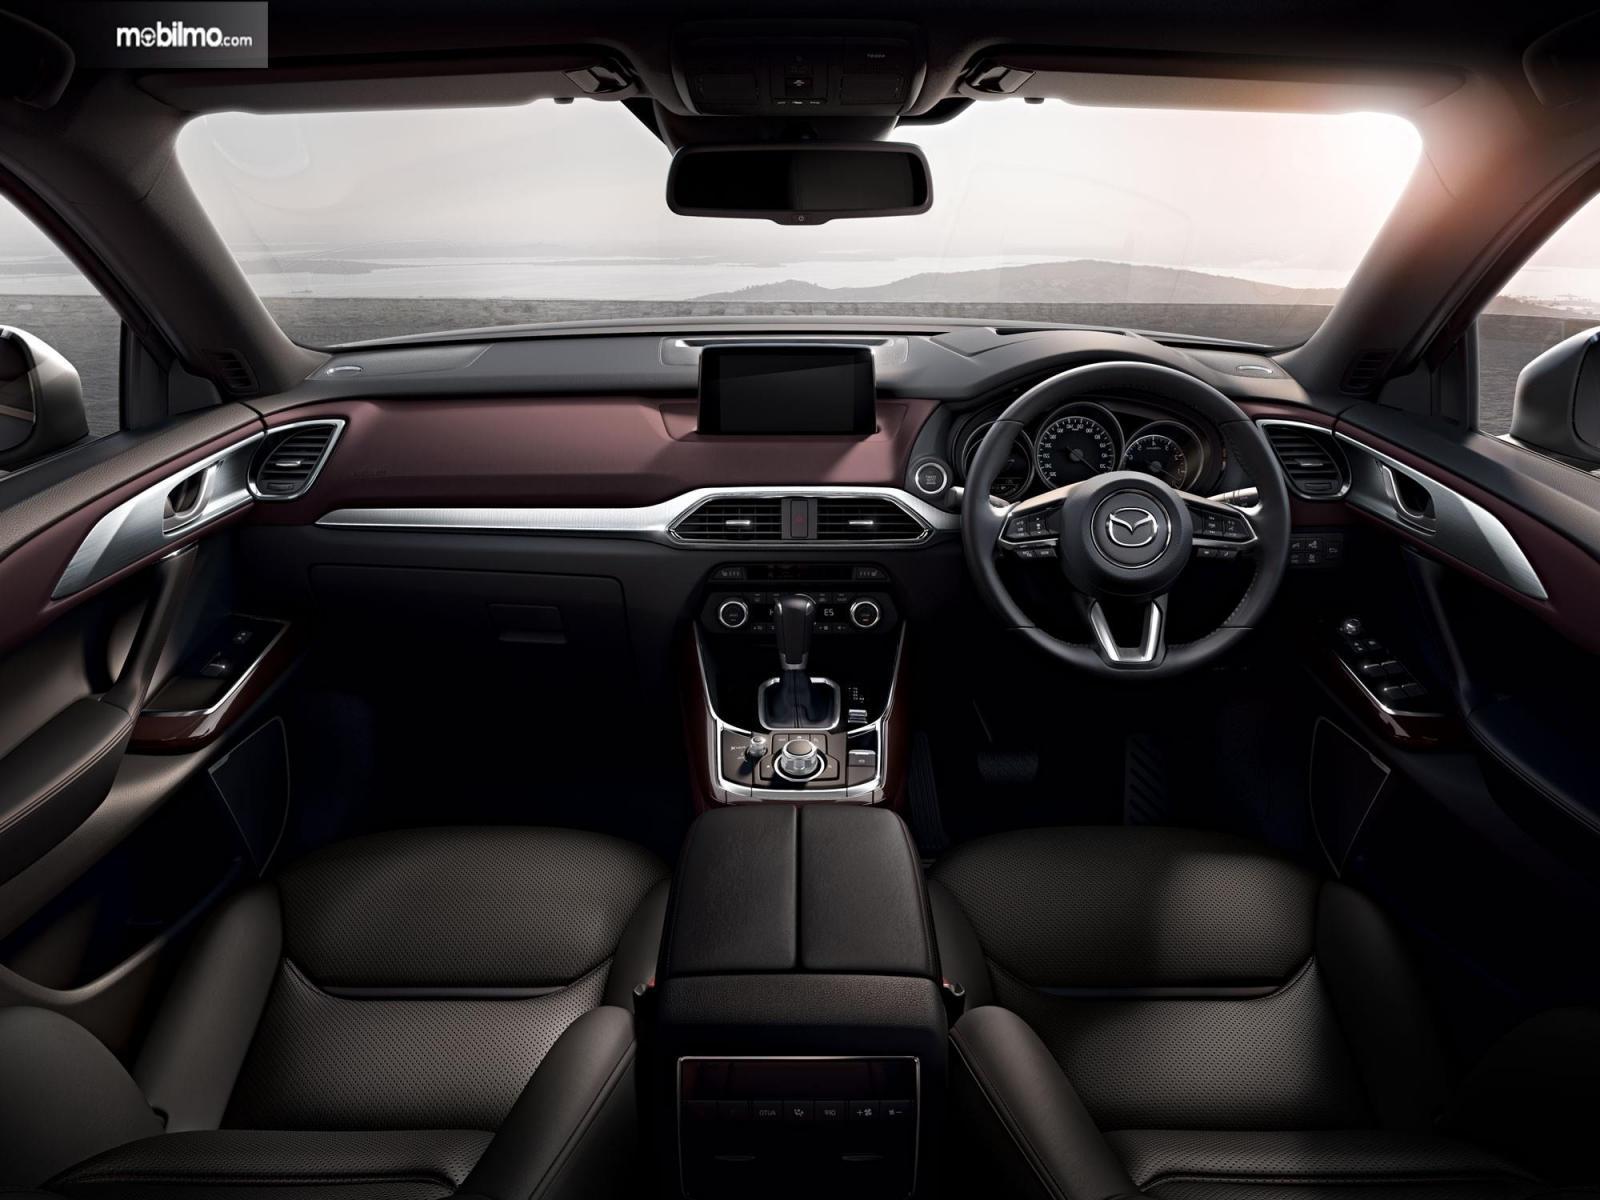 Foto Interior All New Mazda CX-9 yang begitu mewah